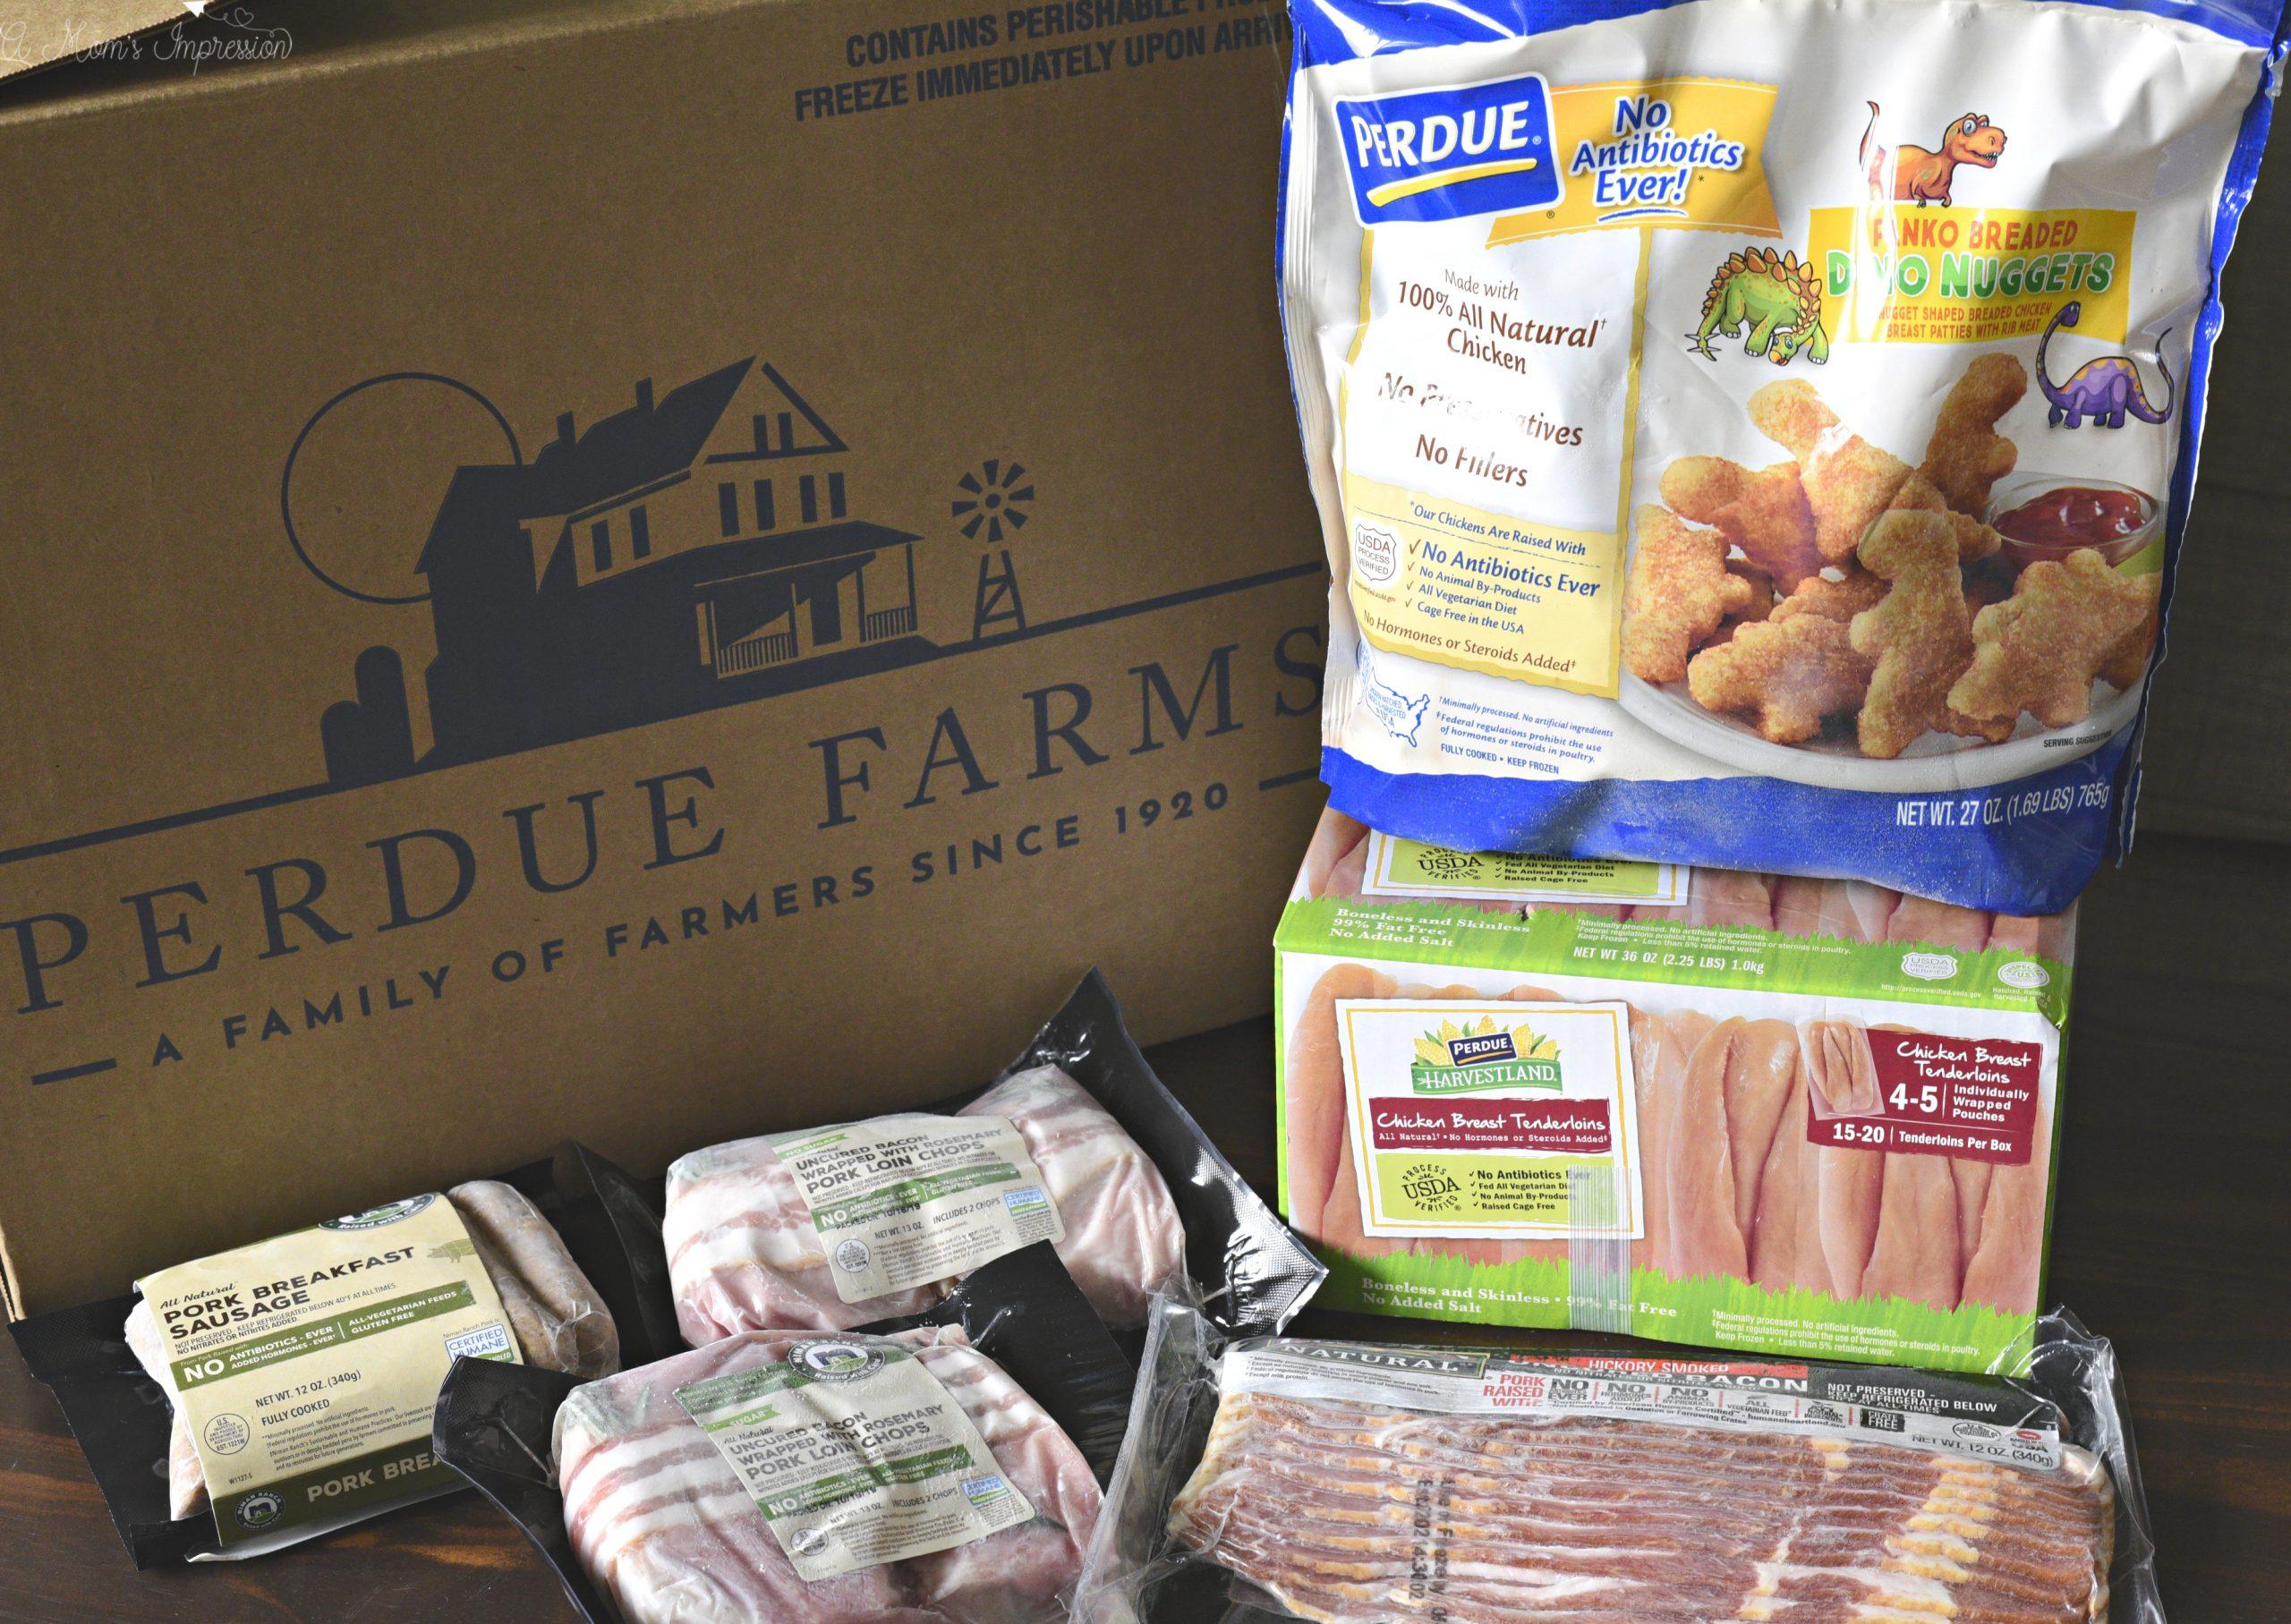 Perdue Farms Bundle Packs